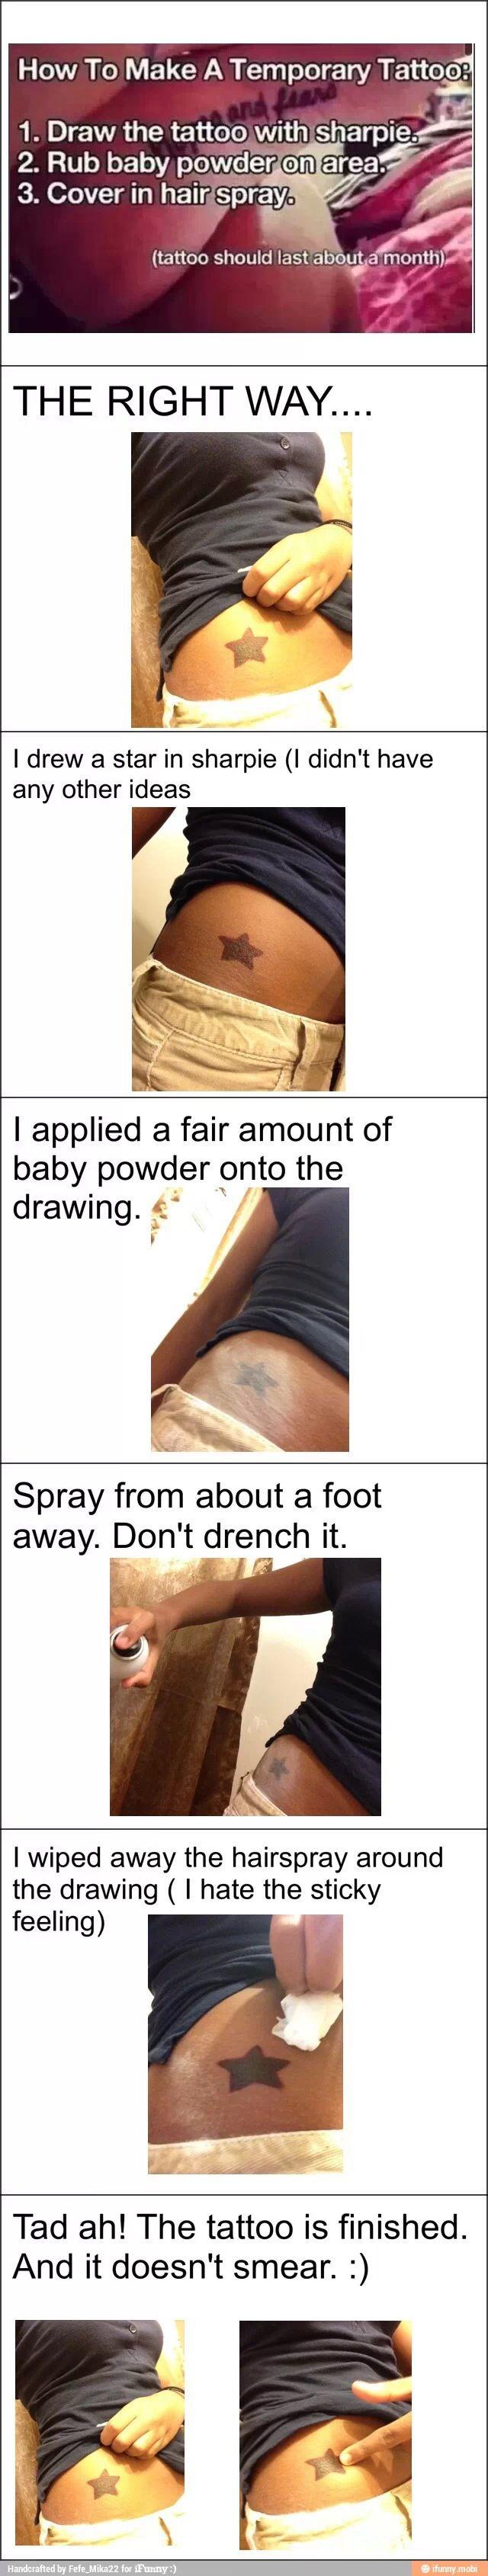 How to Do Fake Tattoo